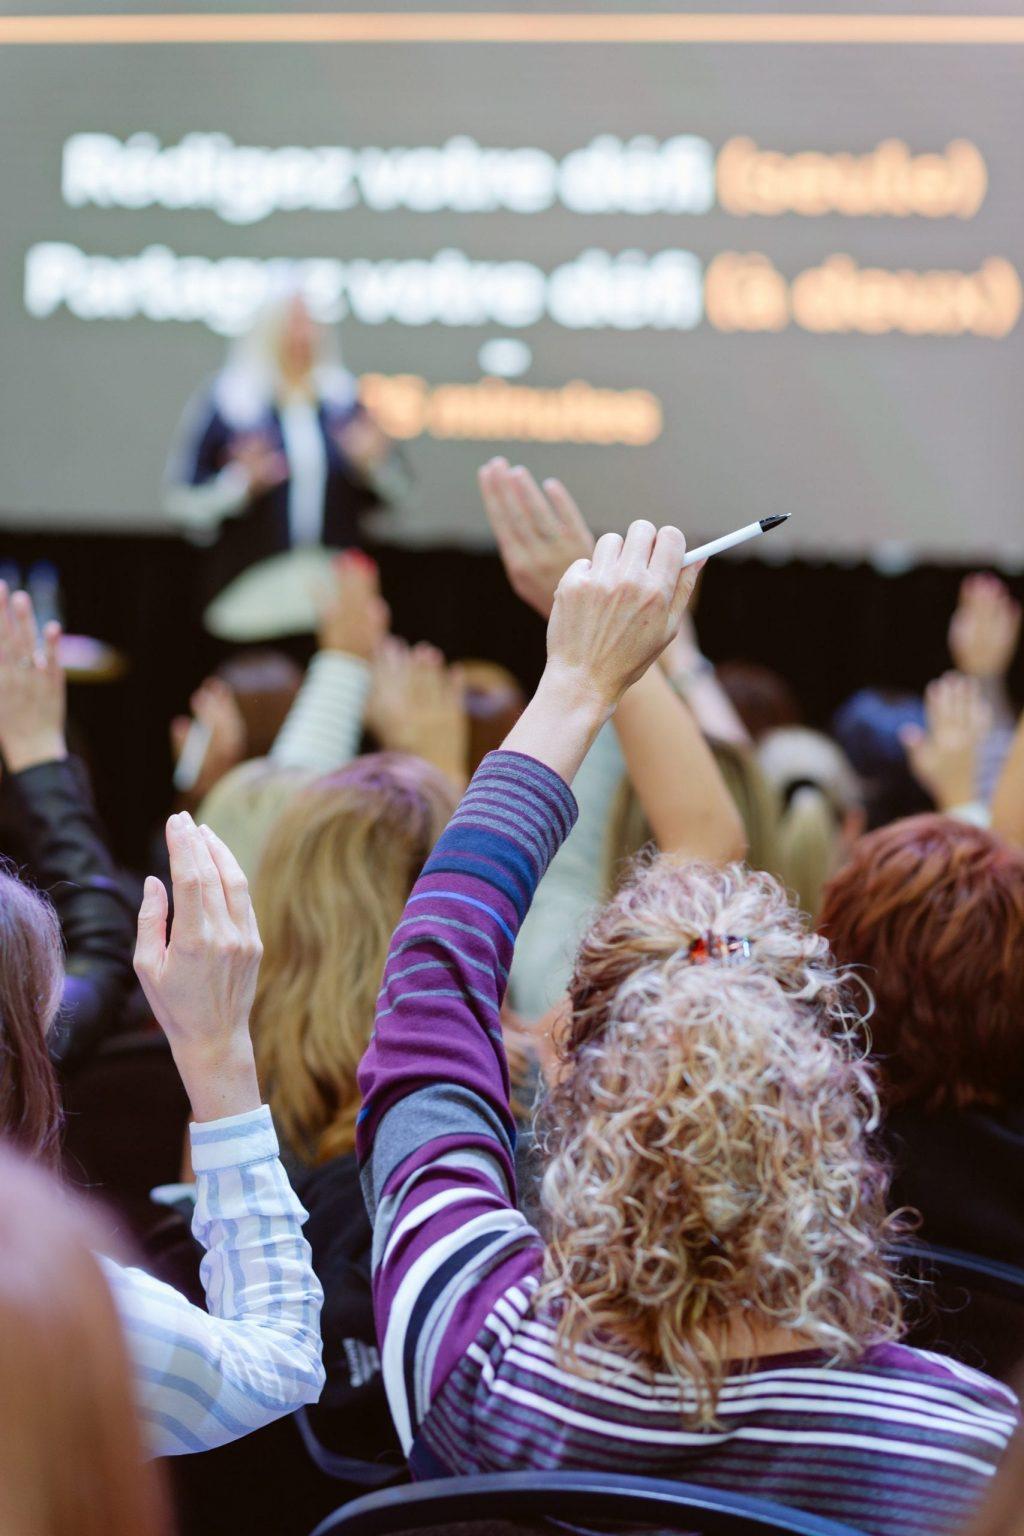 Femmes qui lèvent la main pendant un événement L'effet A.